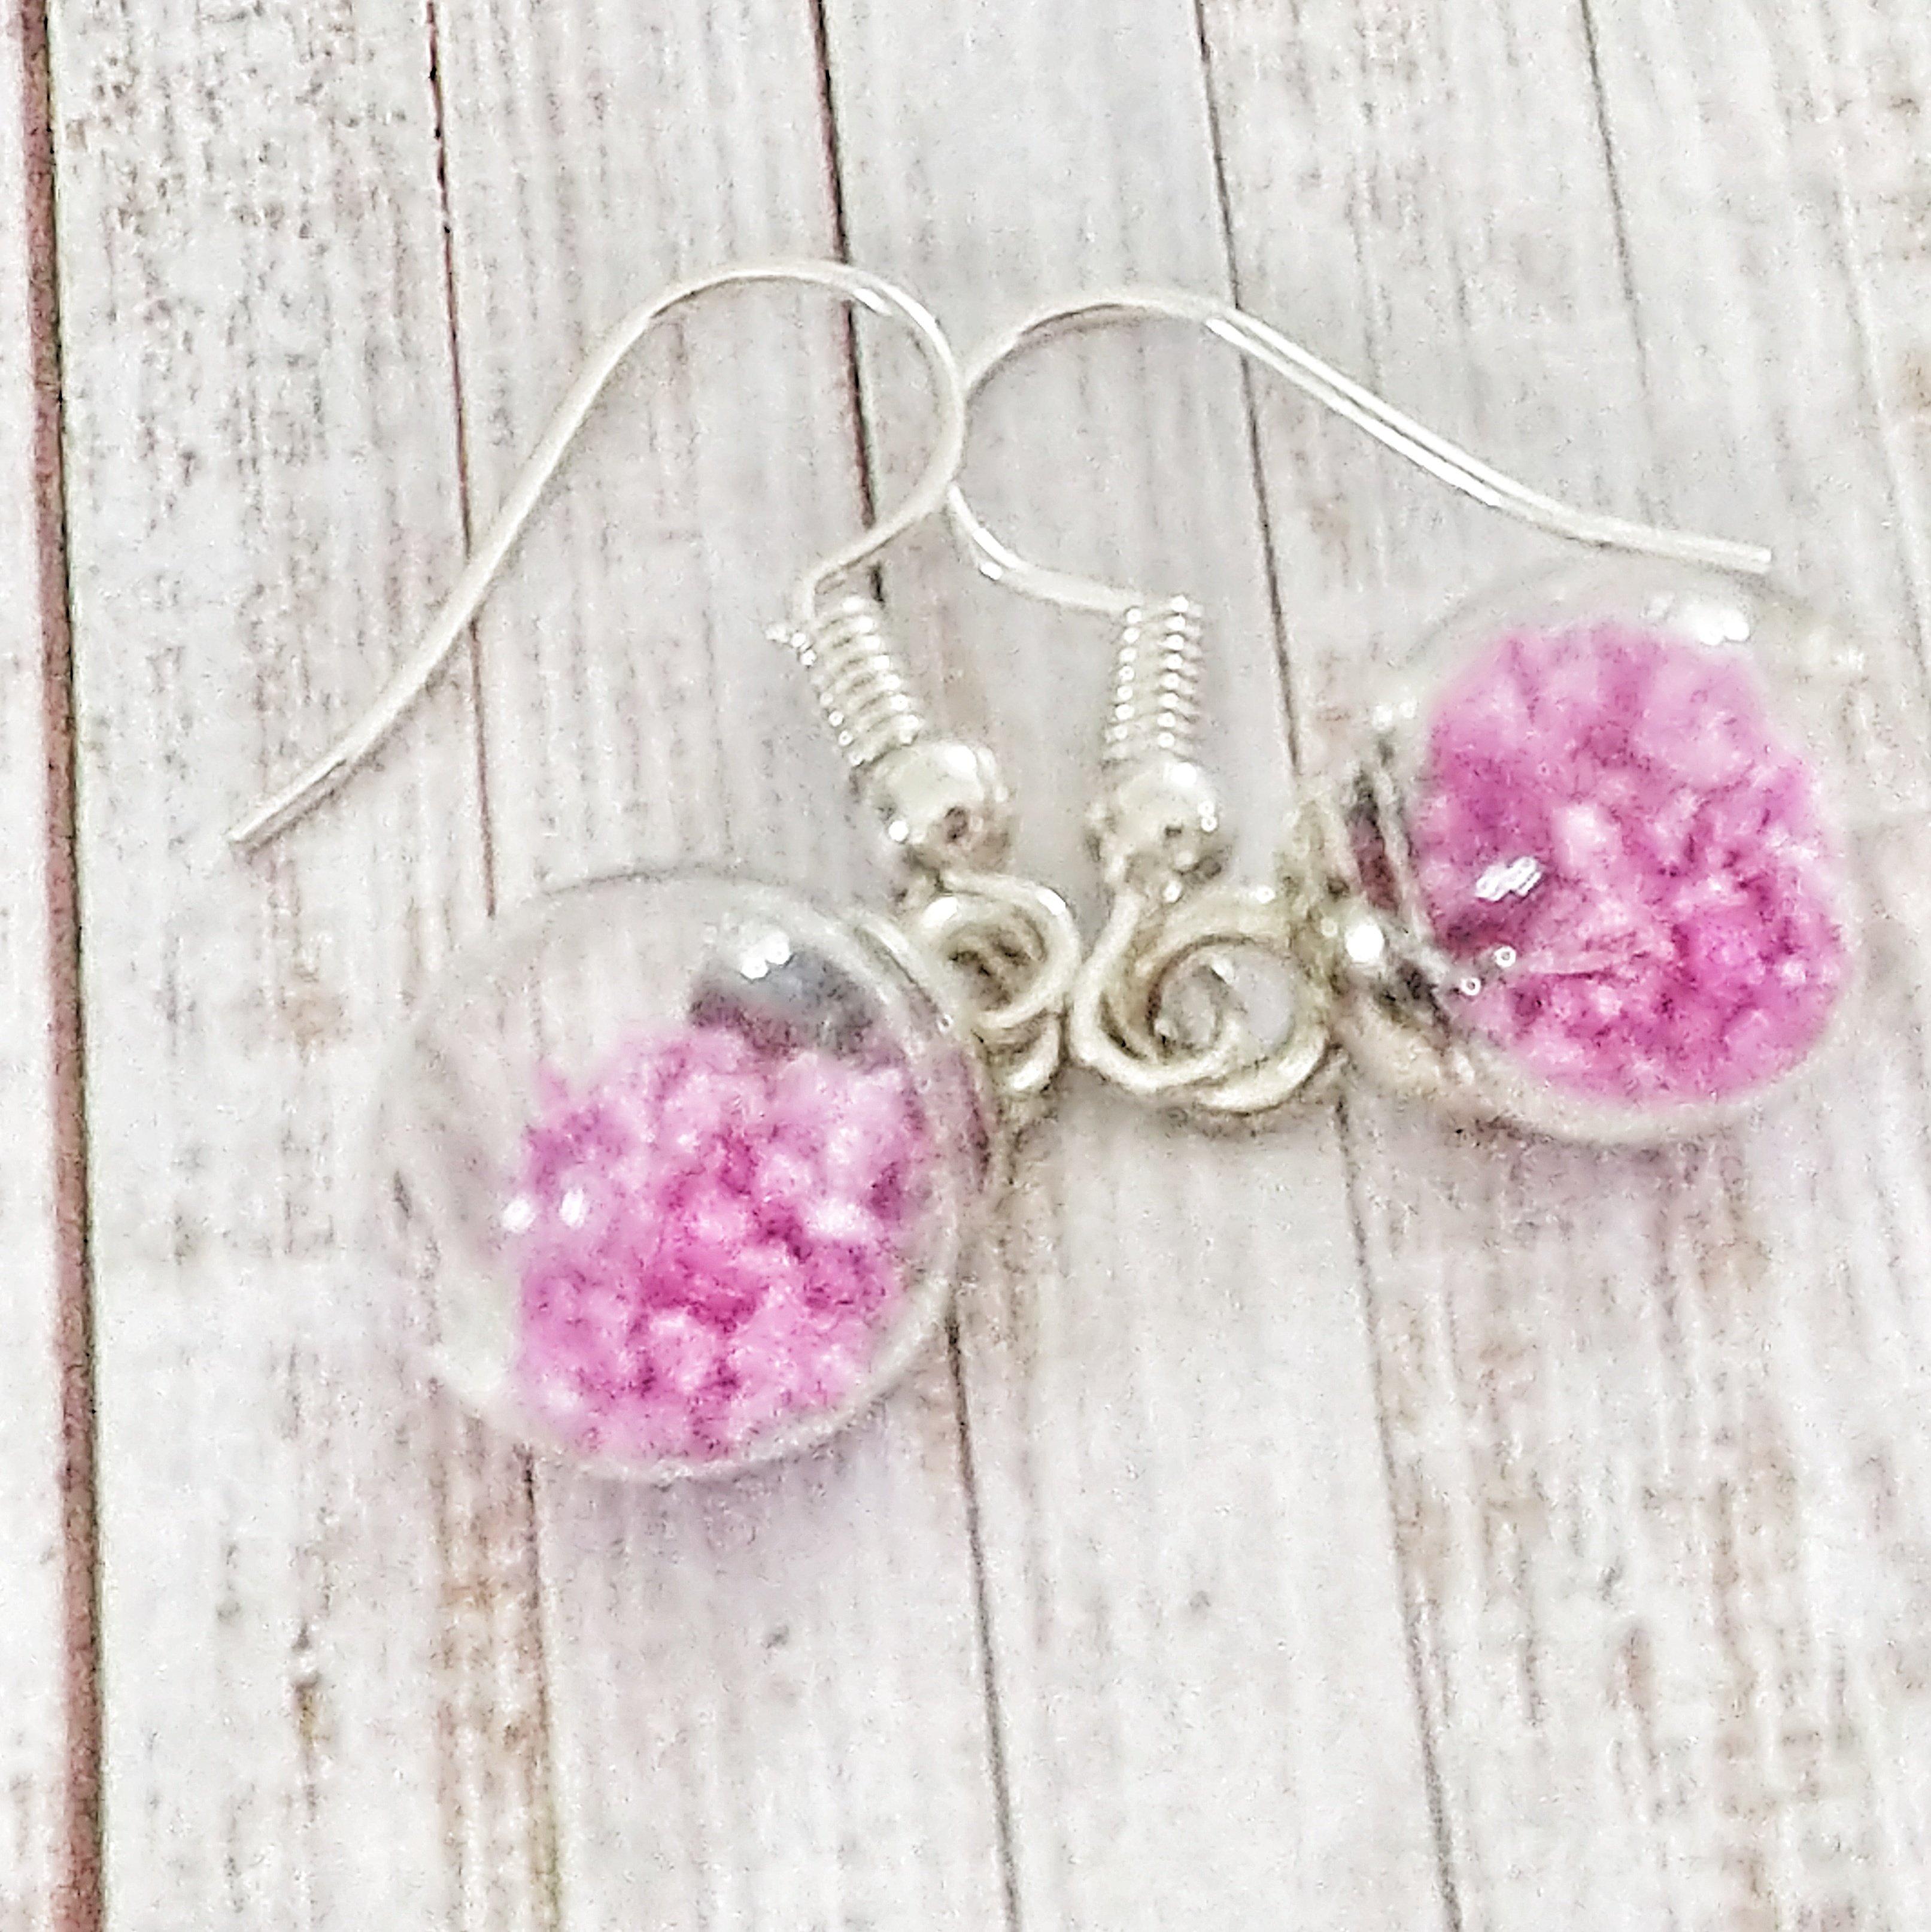 Glow in the Dark Pink Bottle Earrings 2